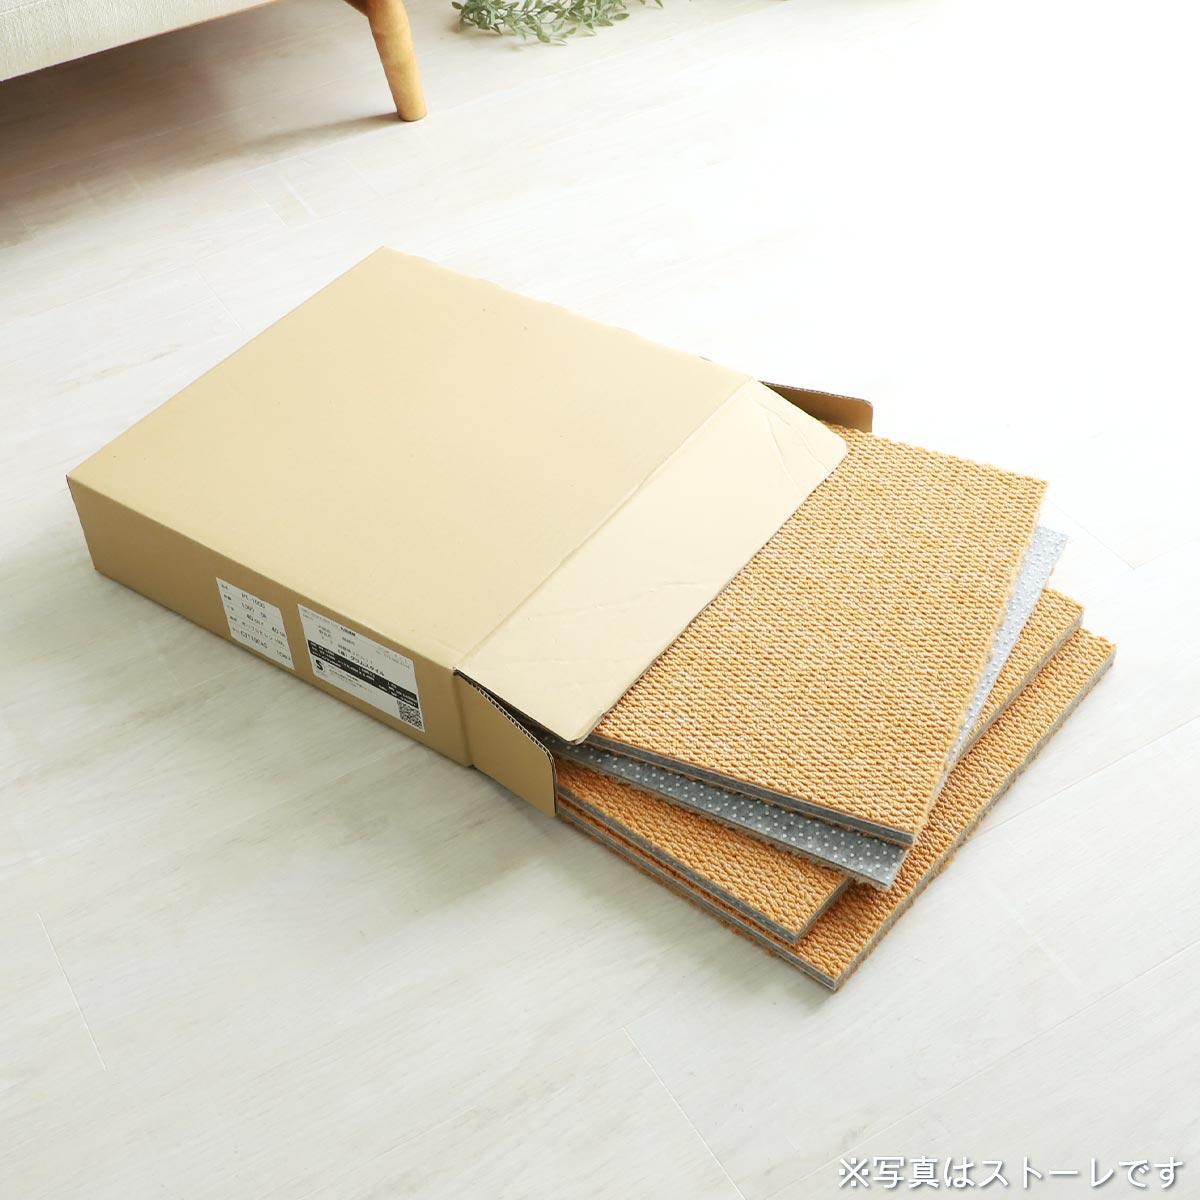 箱から商品を取り出し、カラーや数量をご確認ください。